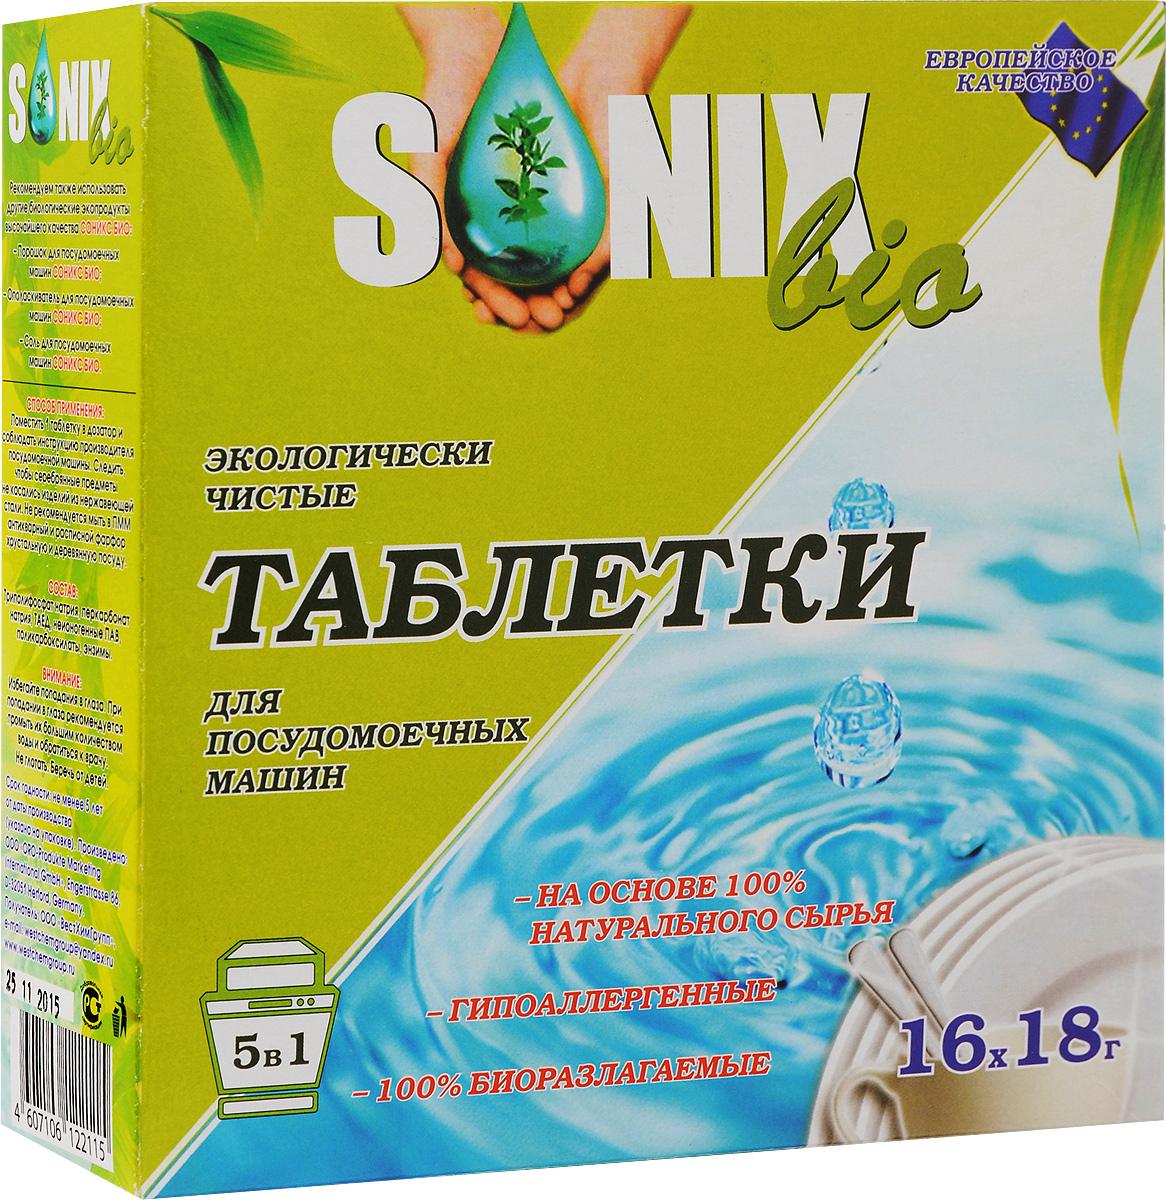 Таблетки для посудомоечных машин SonixBio 5 в 1, 16 шт х 18 г391602Таблетки SonixBio 5 в 1 способны к биологическому разложению. Упаковка подлежит переработке во вторичное сырье. Таблетки предназначены для мытья посуды в посудомоечных машинах любого типа и производителя. Благодаря кислороду и тщательно подобранным 100% натуральным активным компонентам, таблетки основательно, но в то же время деликатно, не повреждая посуду и рисунок на ней, растворяют любые, даже самые стойкие загрязнения и остатки пищи. Очищают тщательно и эффективно с помощью веществ, не наносящих вреда человеку и окружающей среде.Состав: триполифосфат натрия, перкарбонат натрия, ТАЕД, неионогенные ПАВ, поликарбоксилаты, энзимы.Вес одной таблетки: 18 г.Товар сертифицирован.